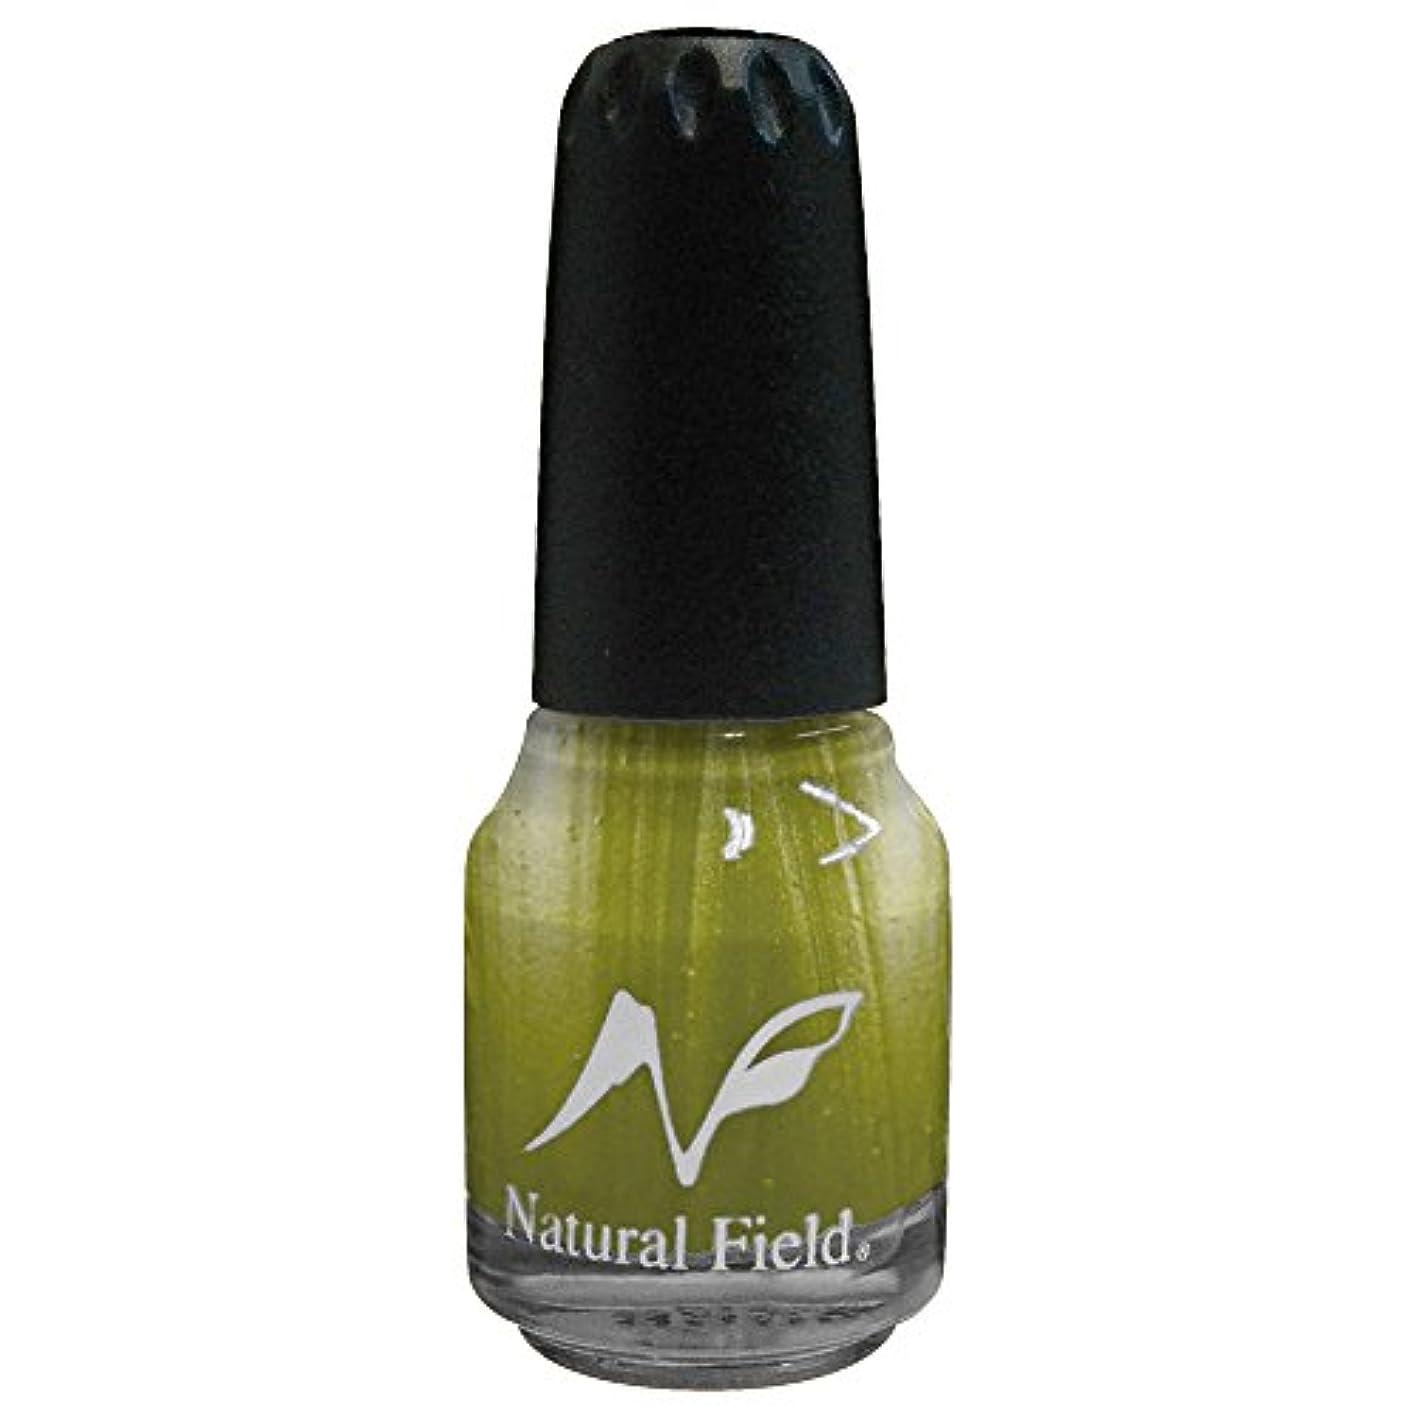 メカニックかび臭い扱いやすいNatural Field ネイルポリッシュ パールカラー 2051 R14 12ml